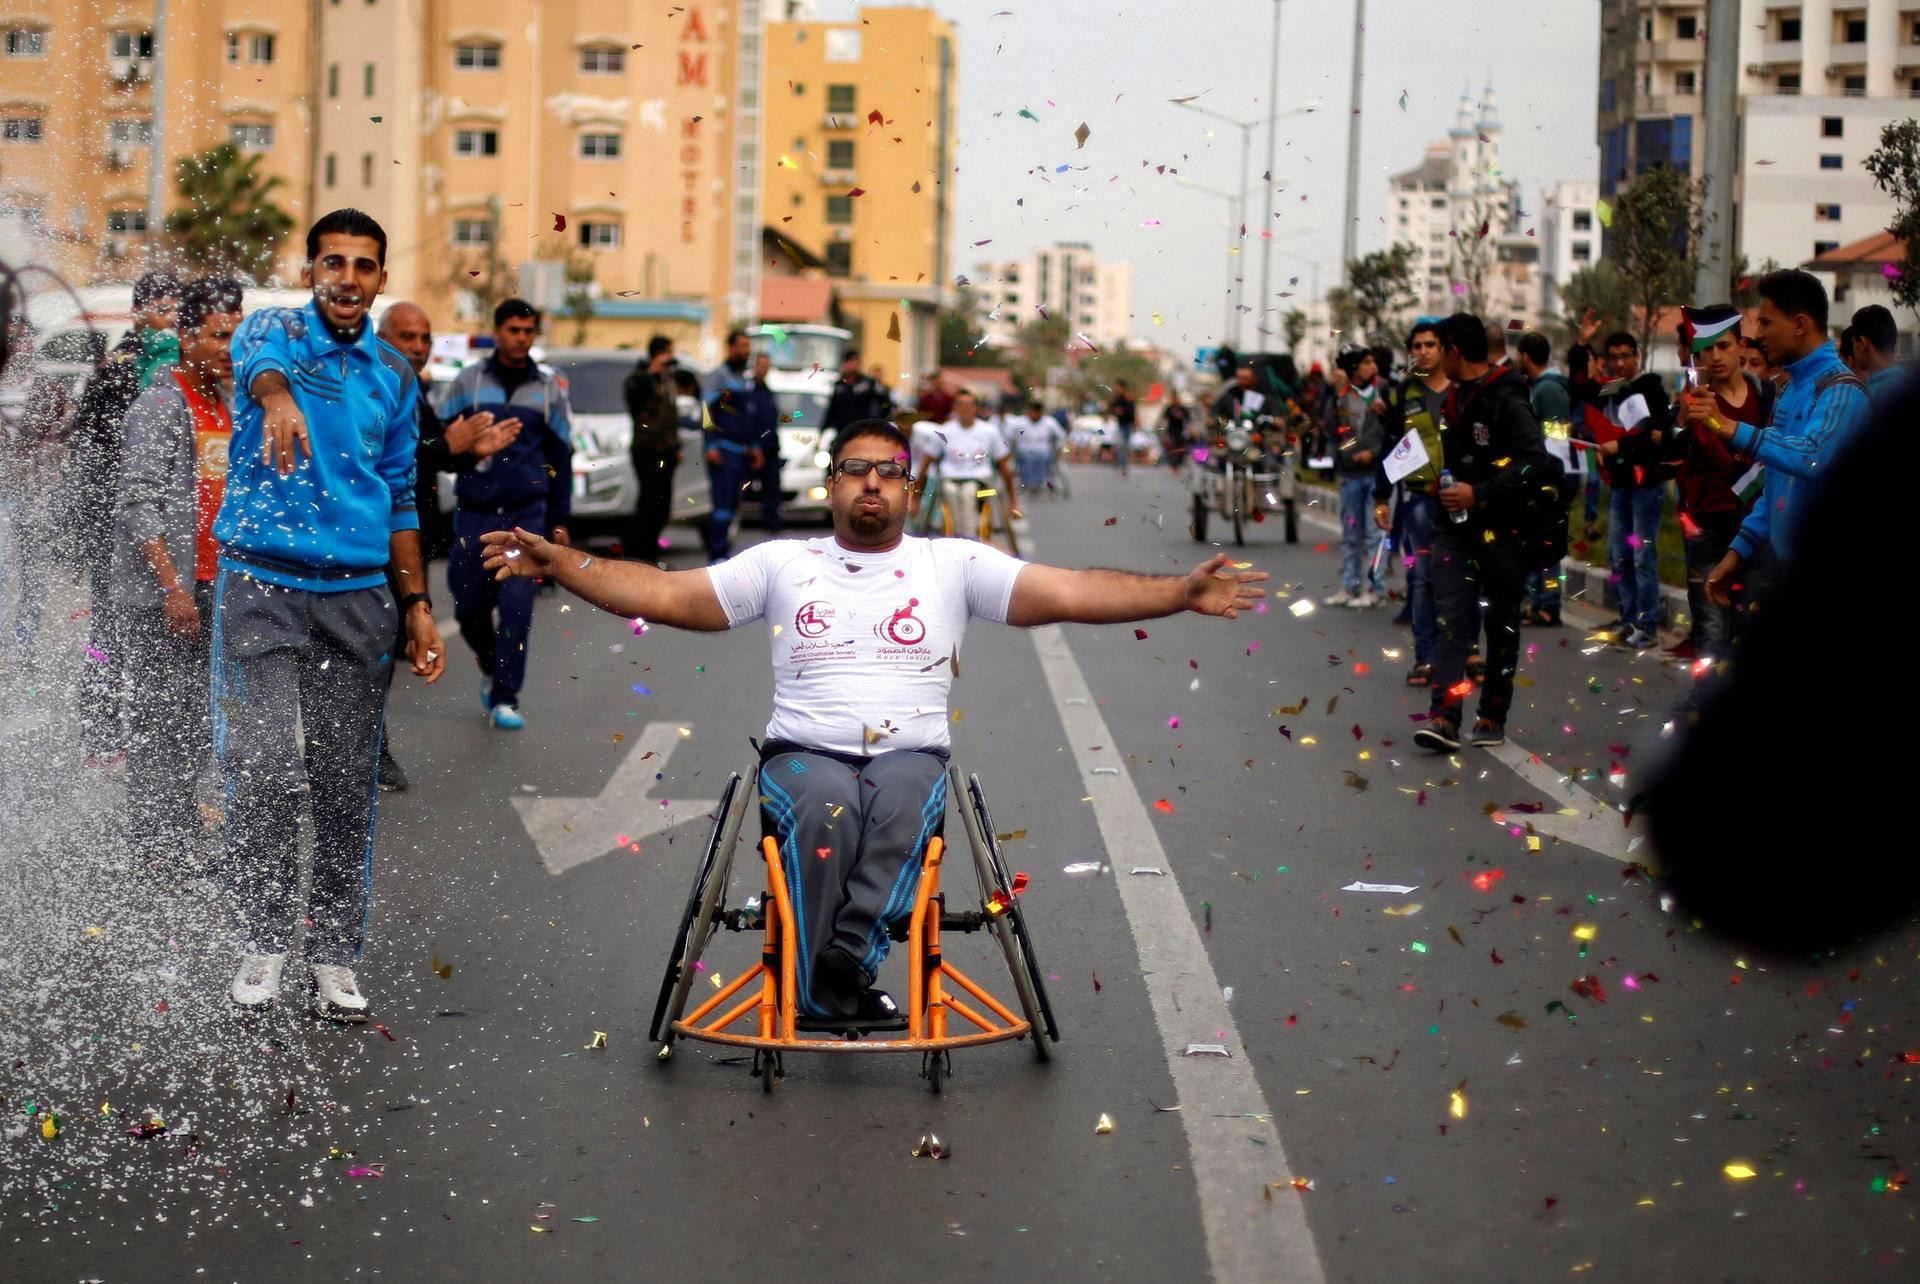 Palestiinalaisten hallinnassa olevassa Gaza Cityssä järjestettiin tiistaina pyörätuolikilpailut.